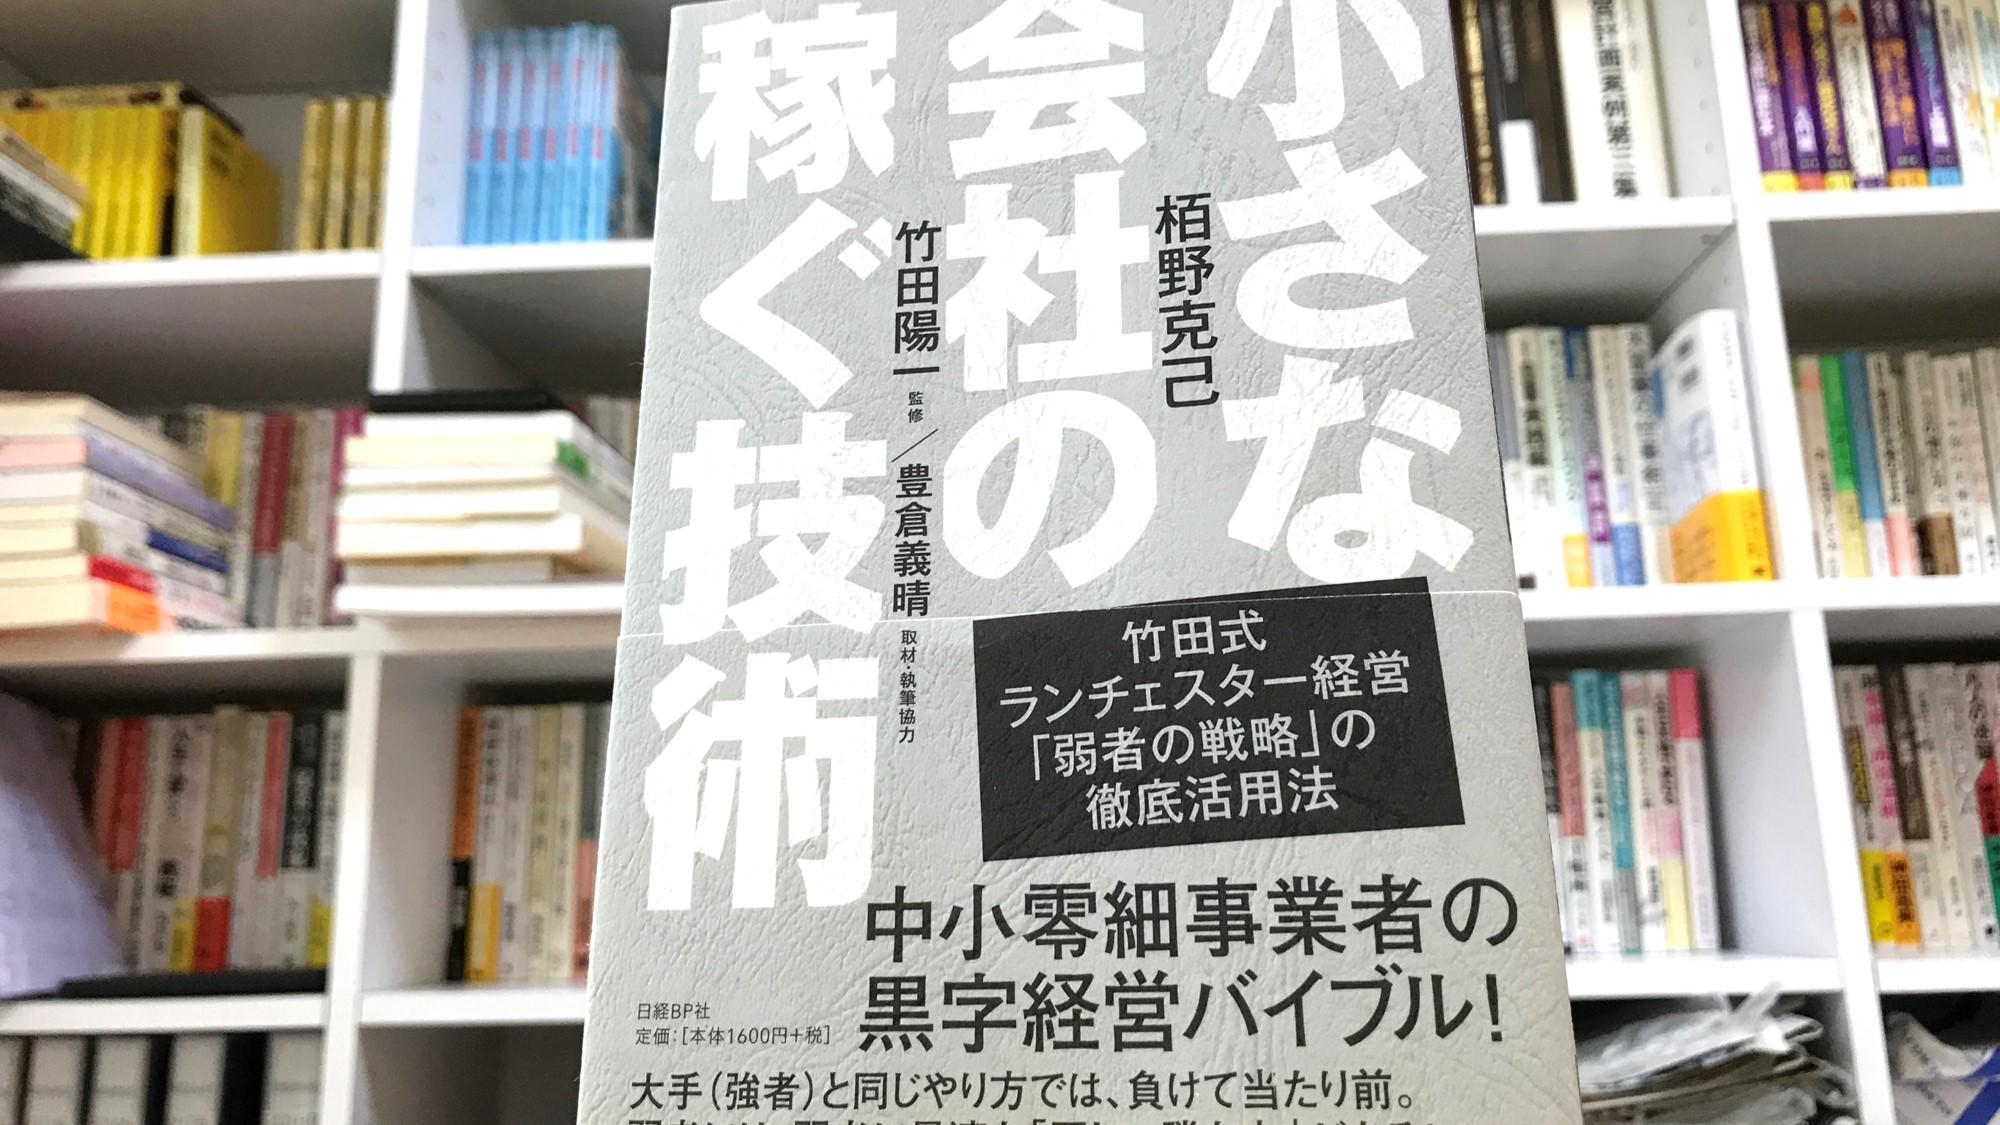 経営を学びたい人に超お勧めの本!中小企業経営者・起業家が読むべきバイブル的1冊